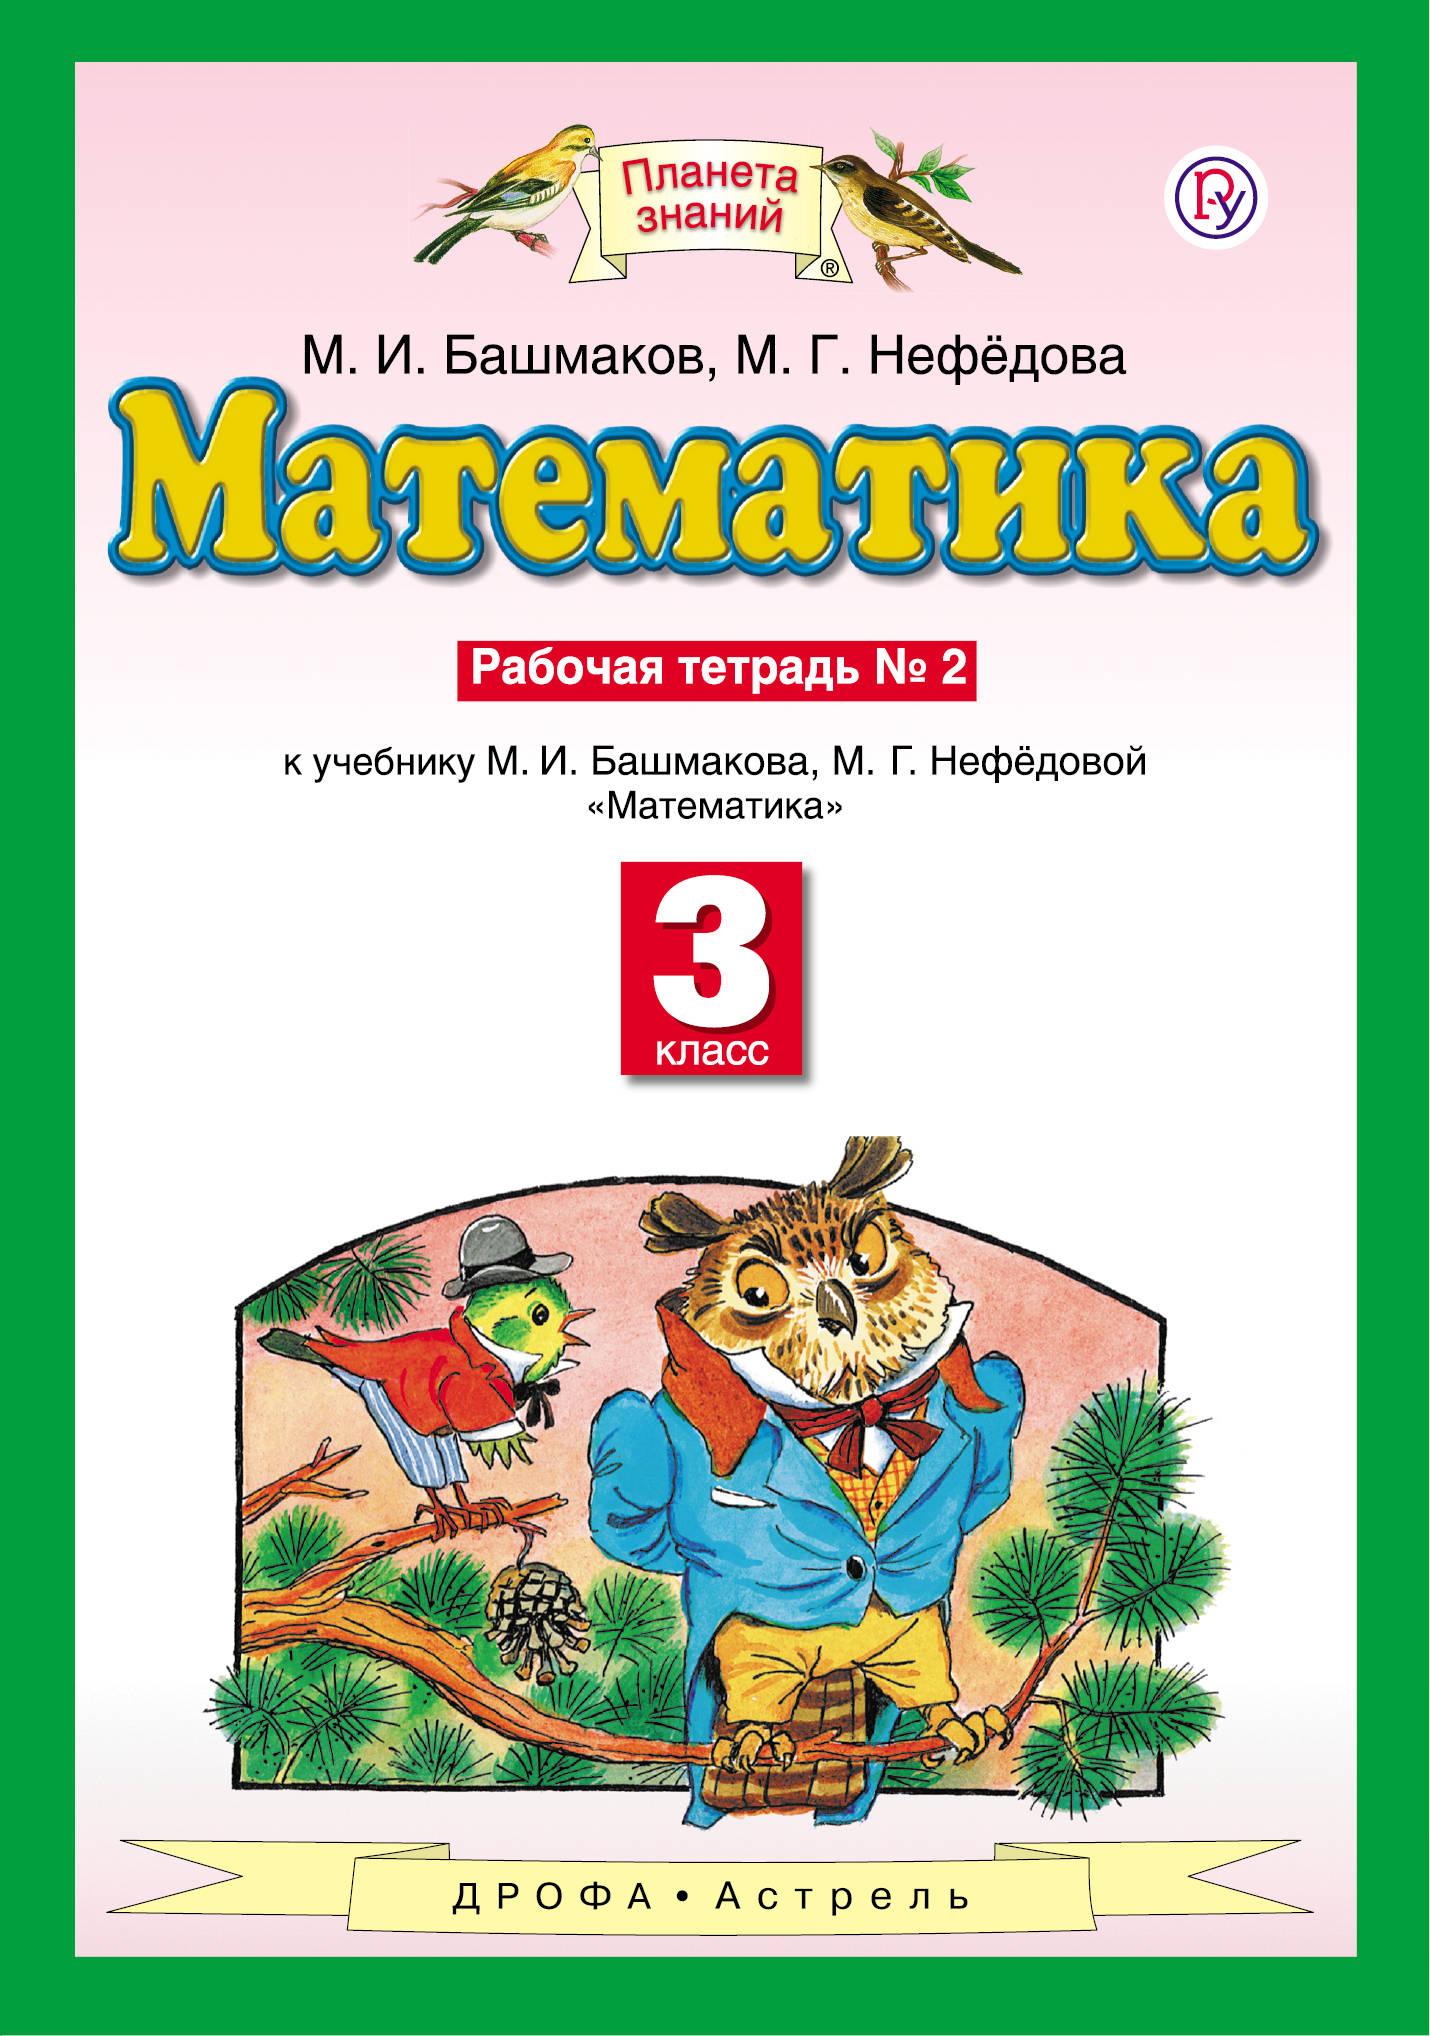 Математика. 3 класс. Рабочая тетрадь №2, Башмаков Марк Иванович